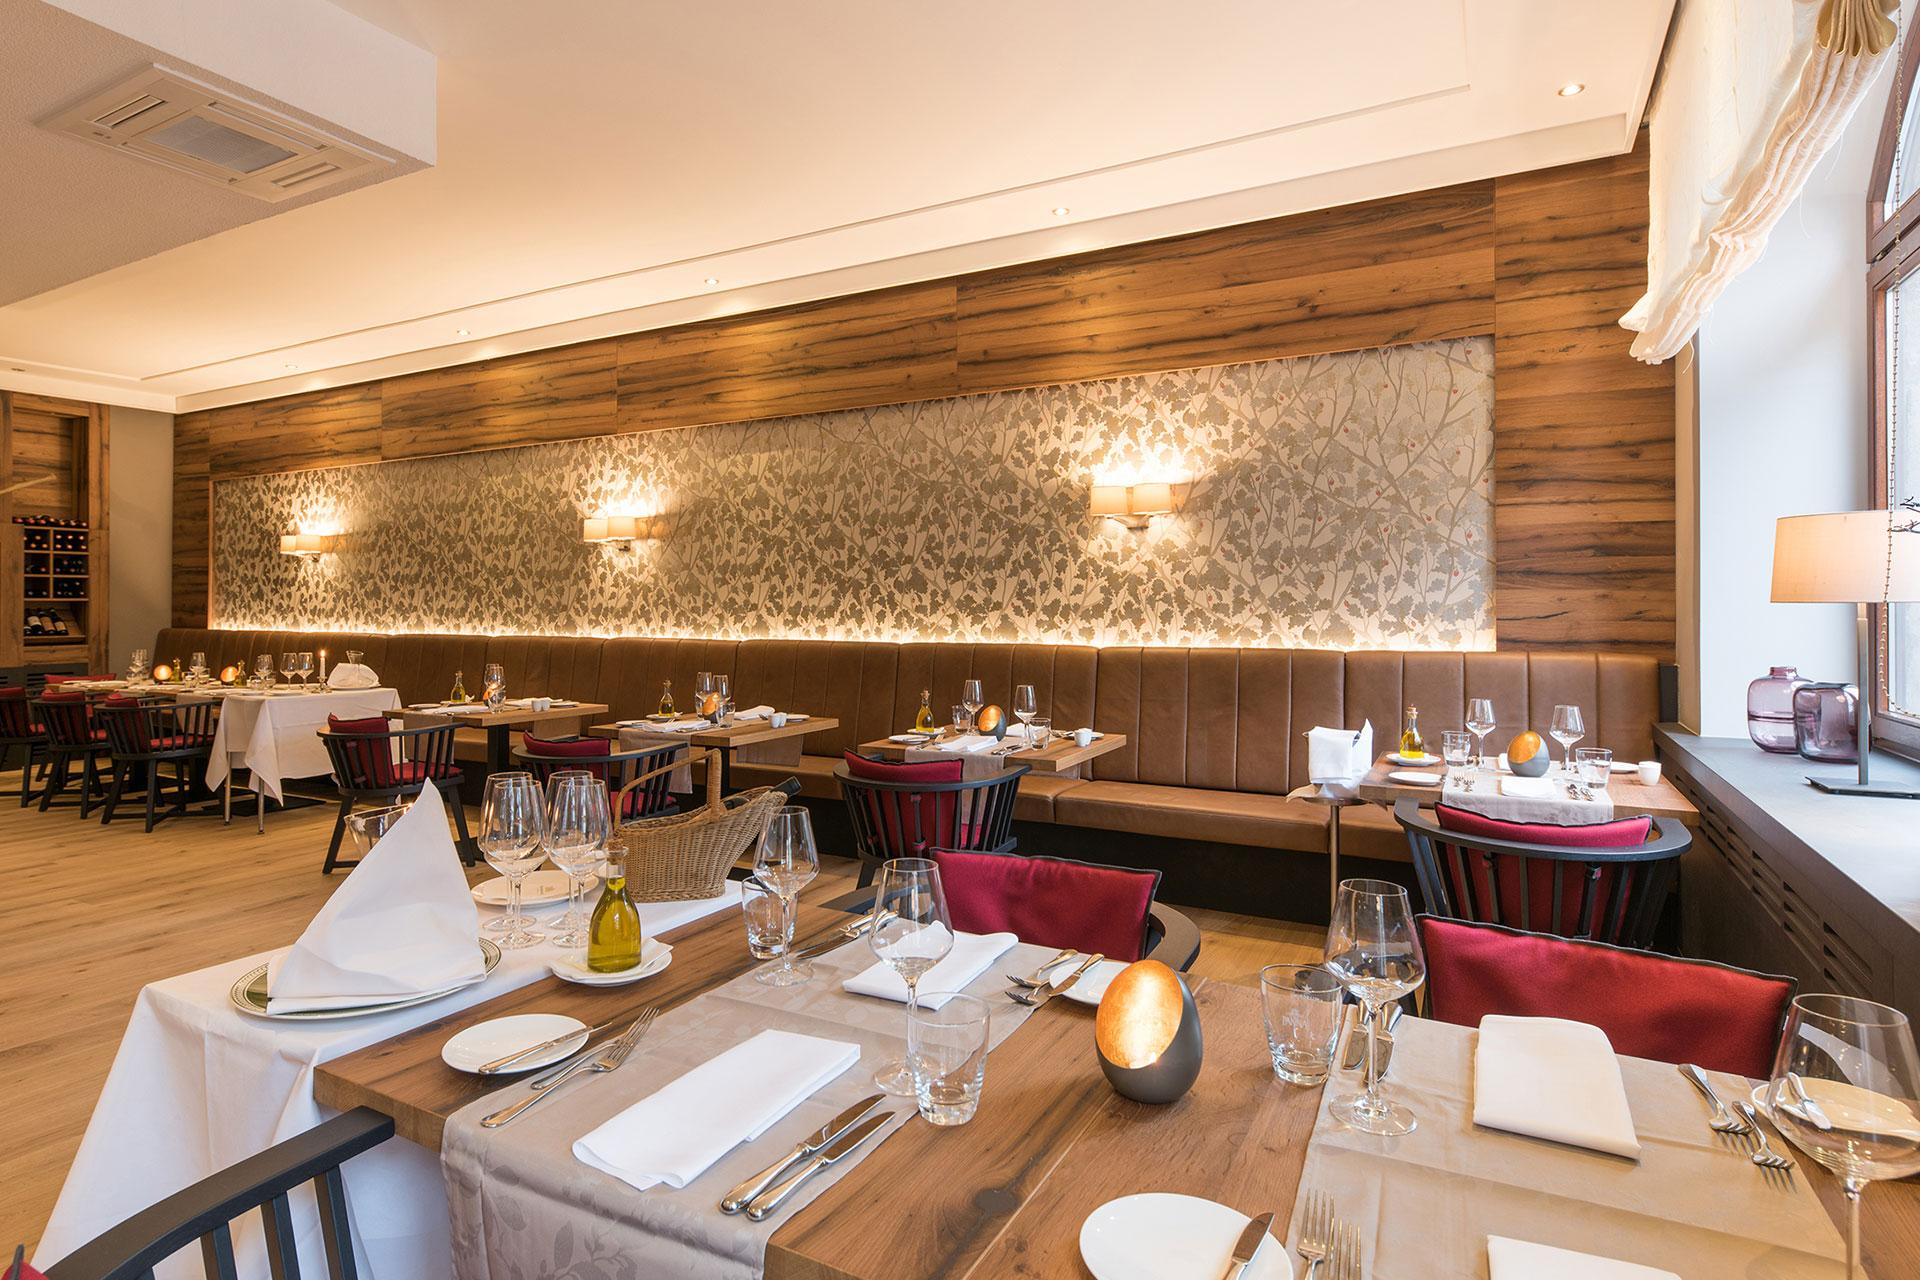 Restaurant Rosmarin | Das Gourmet-Restaurant in Erlangen